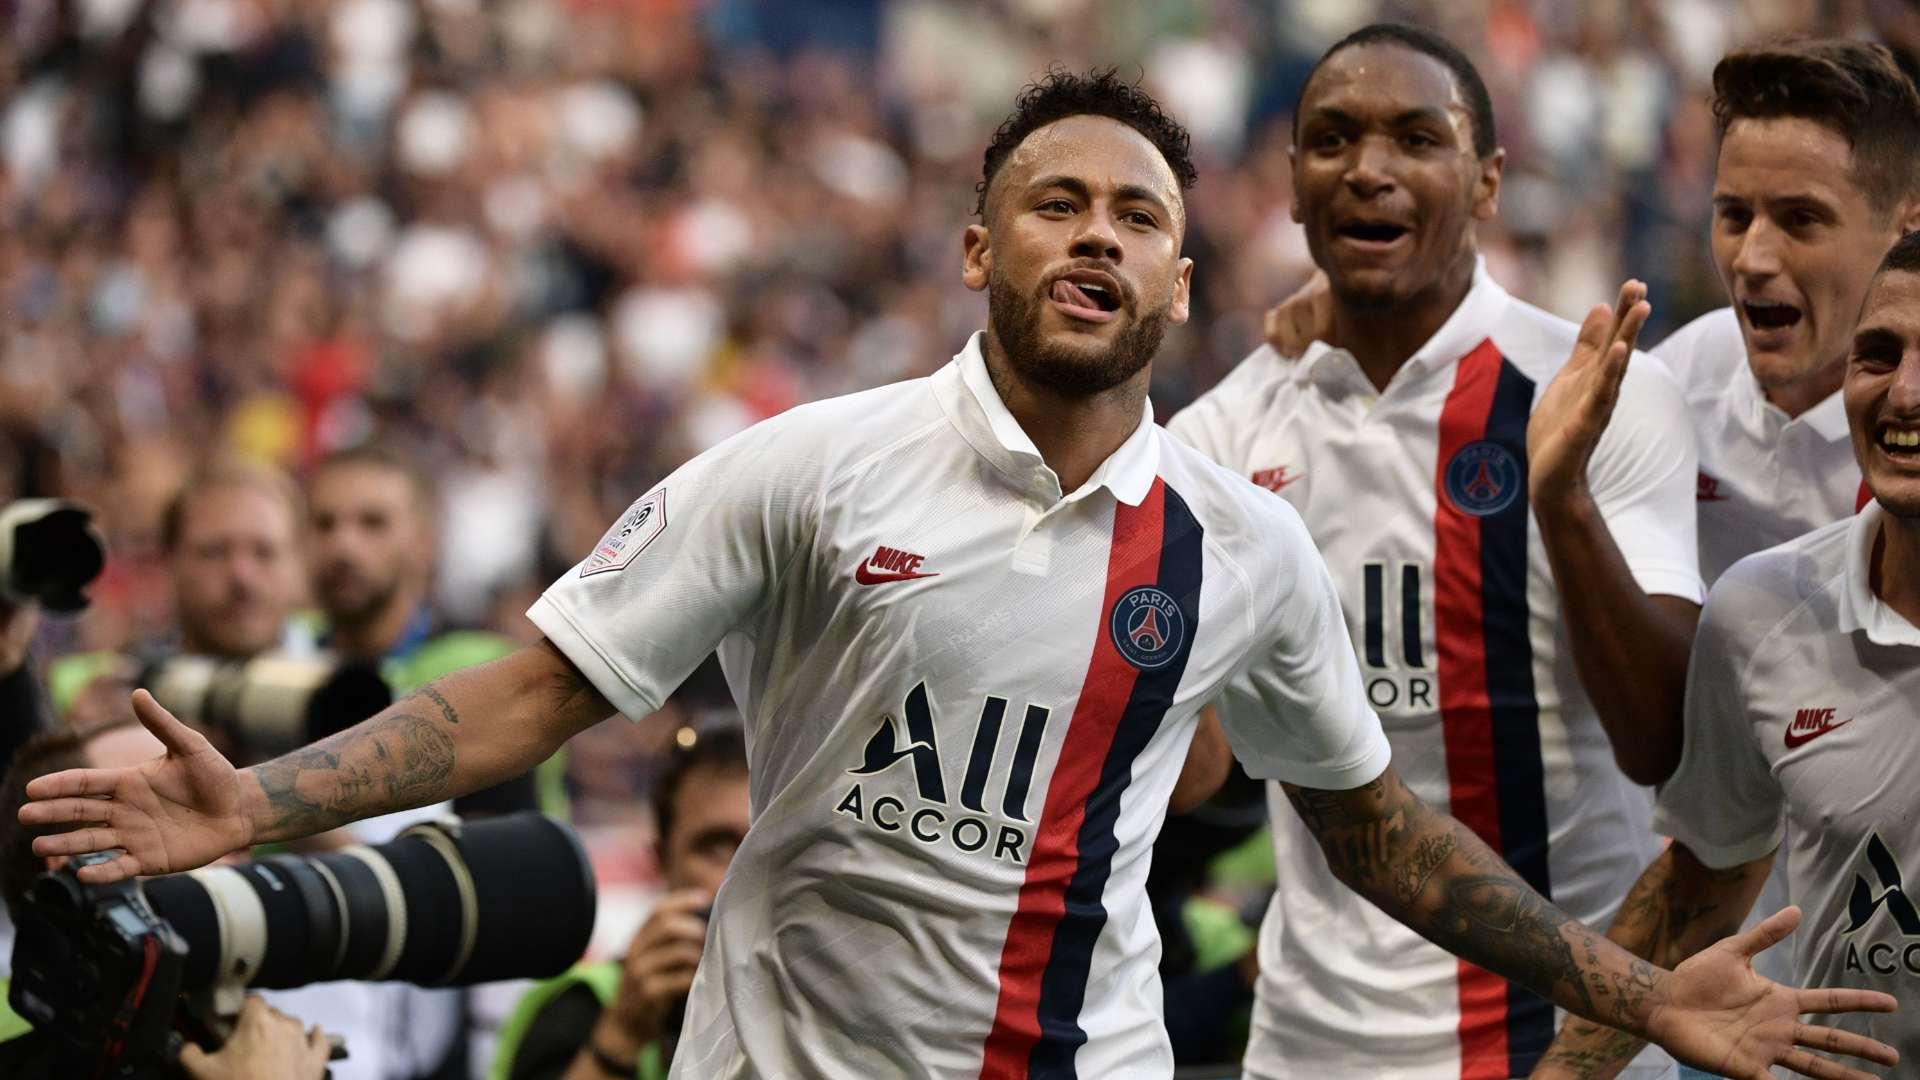 PSG-Strasbourg (1-0) : Neymar, les statistiques d'un retour gagnant